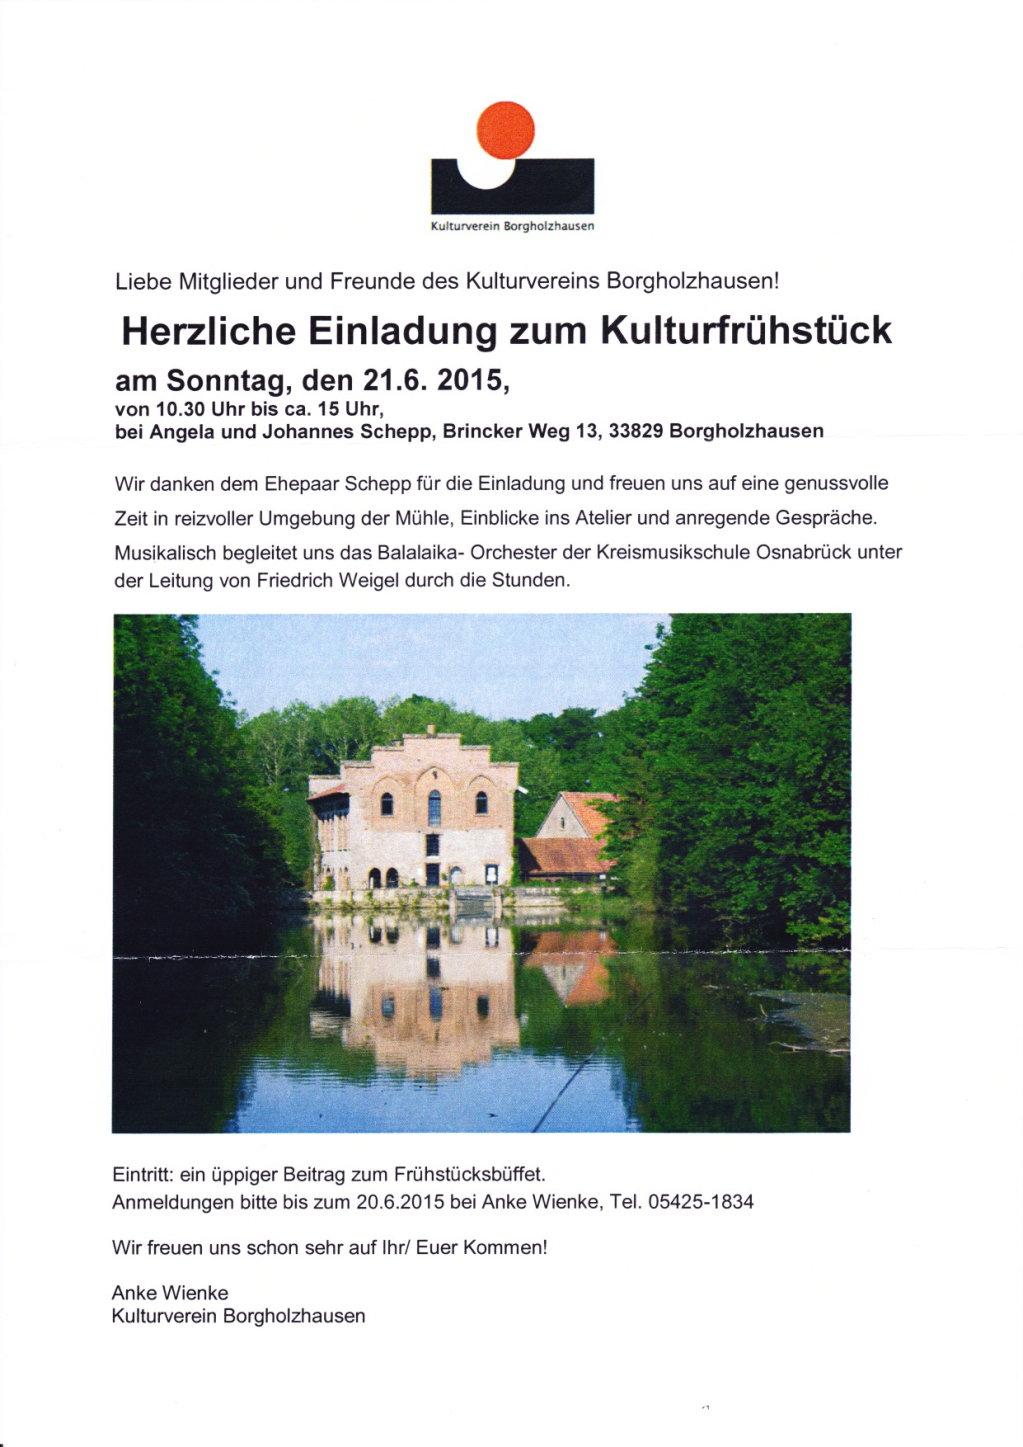 KF_2015_Einladung_2